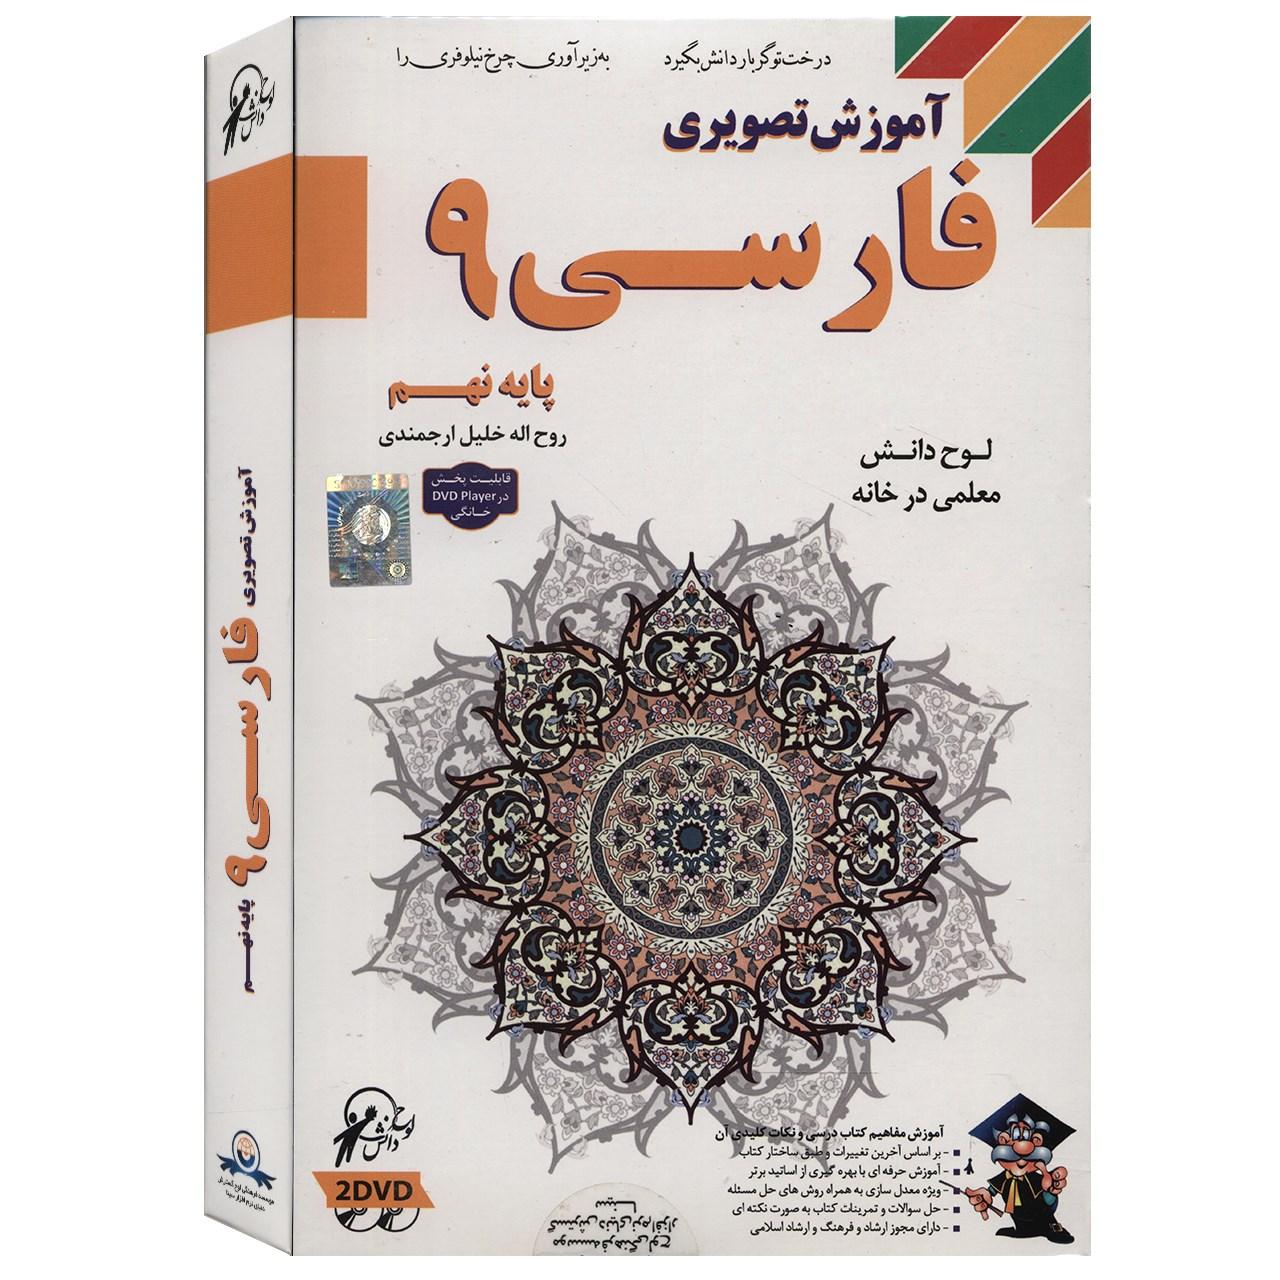 آموزش تصویری فارسی 9 نشر لوح دانش